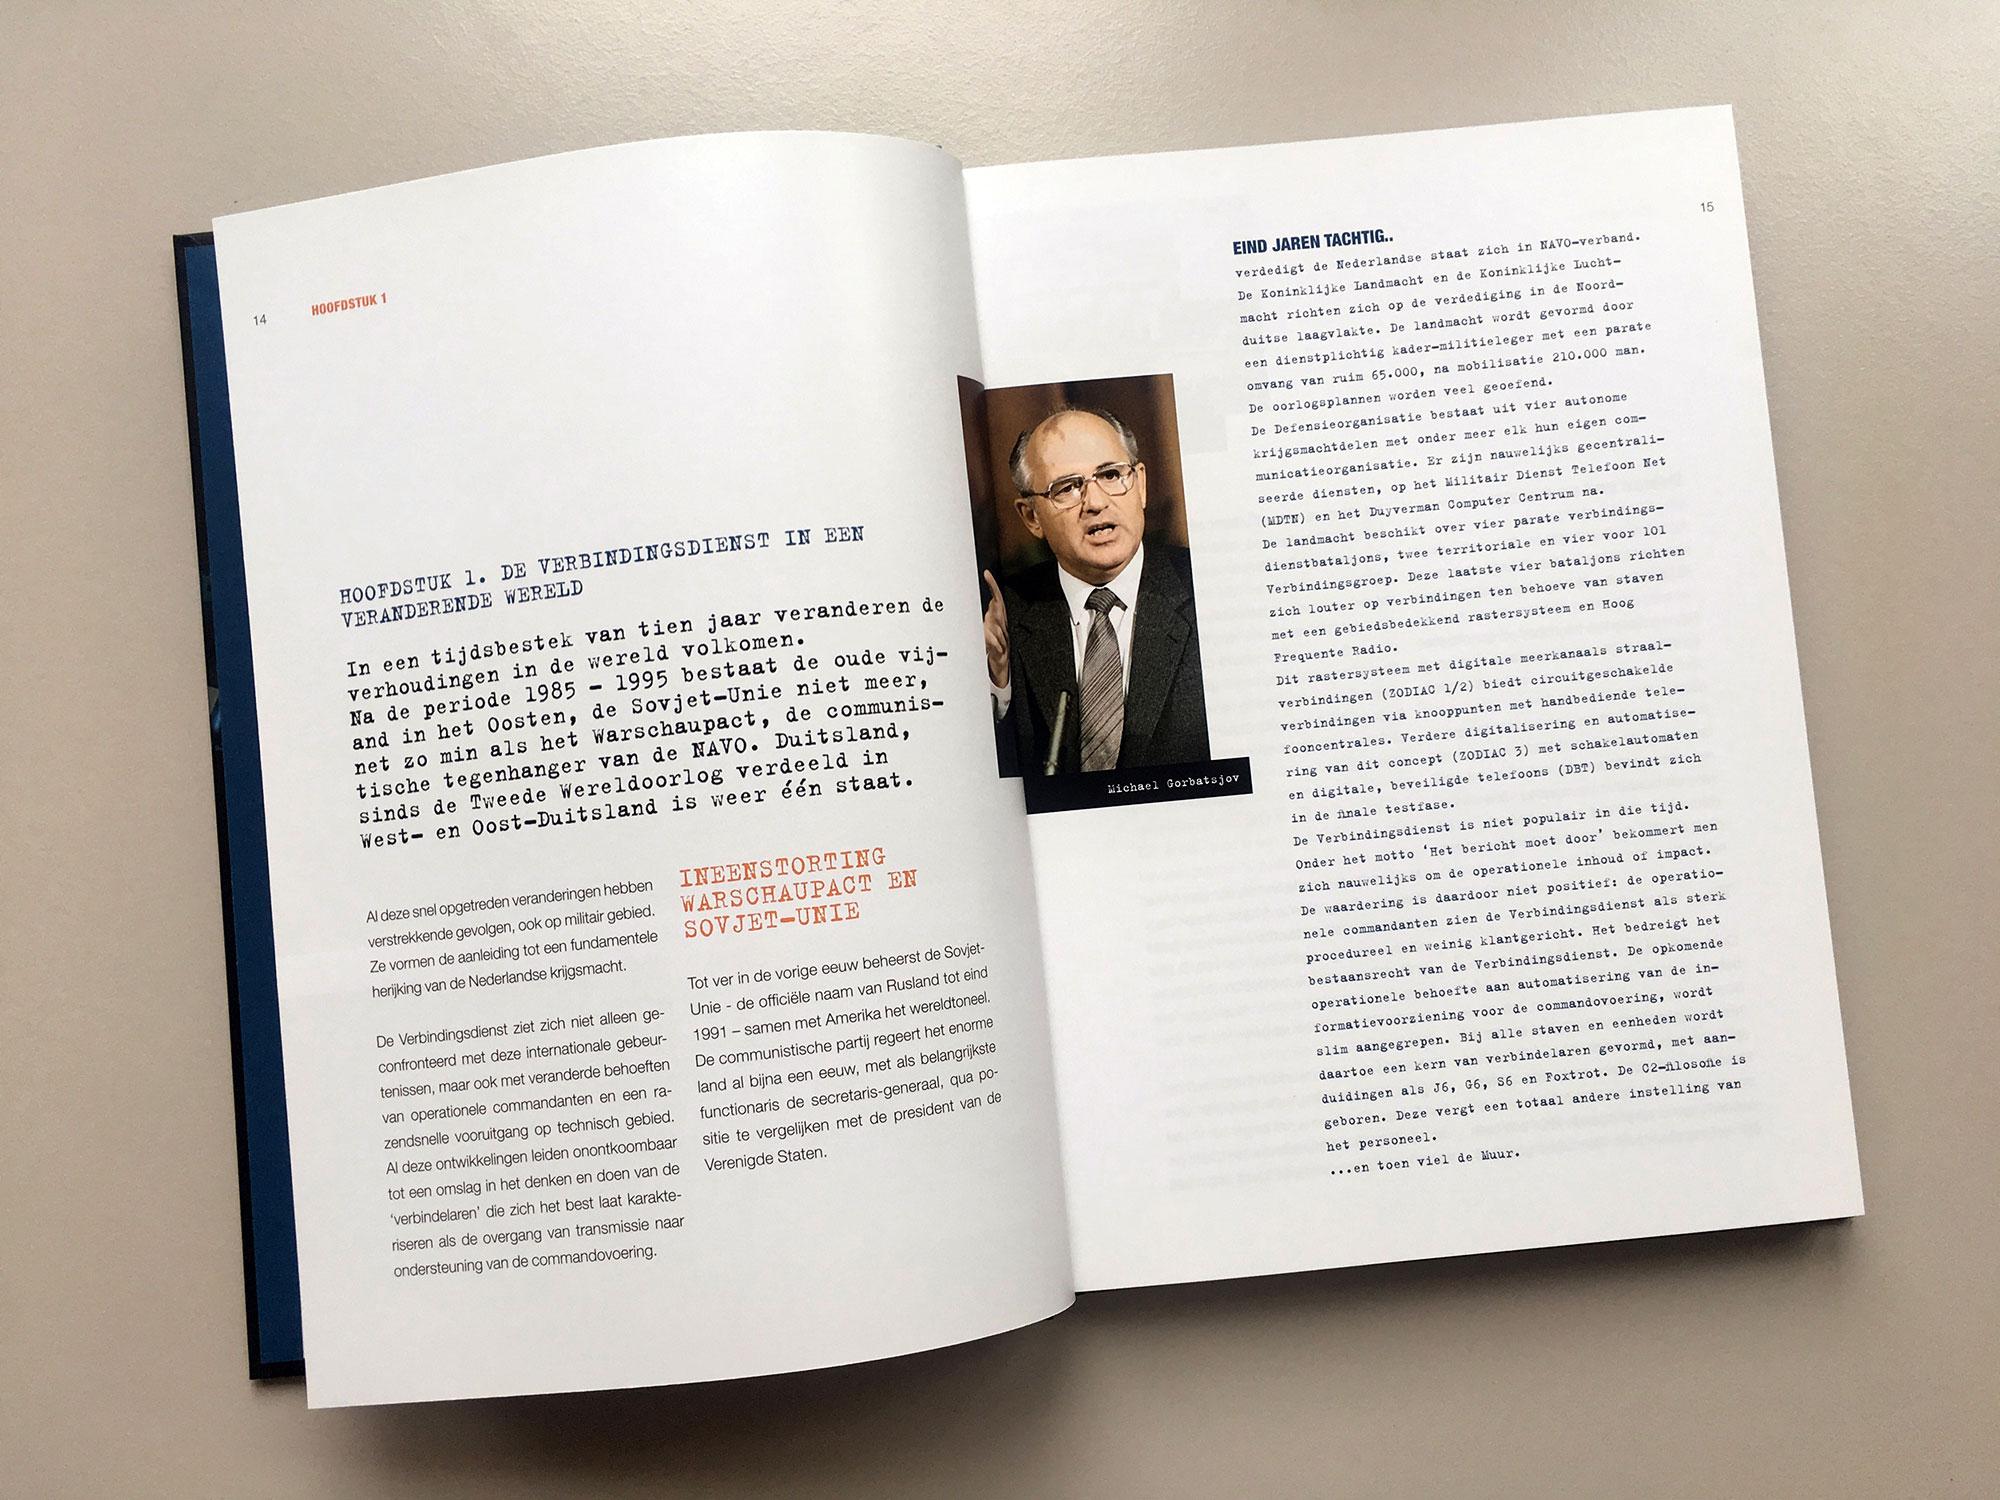 Verbindingsdienst-07_LR